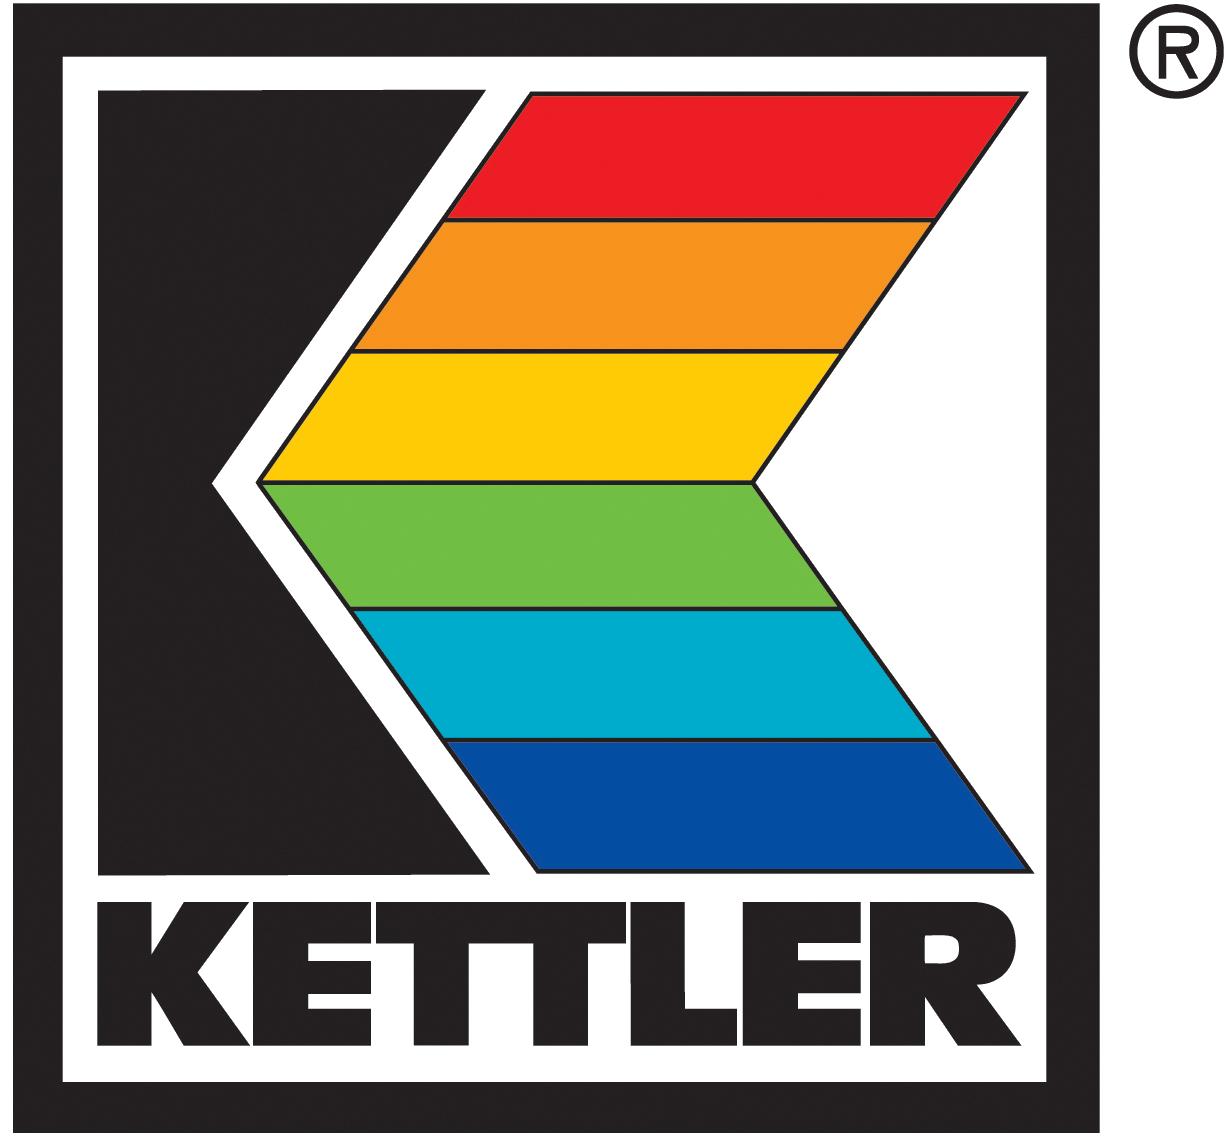 kettler_1